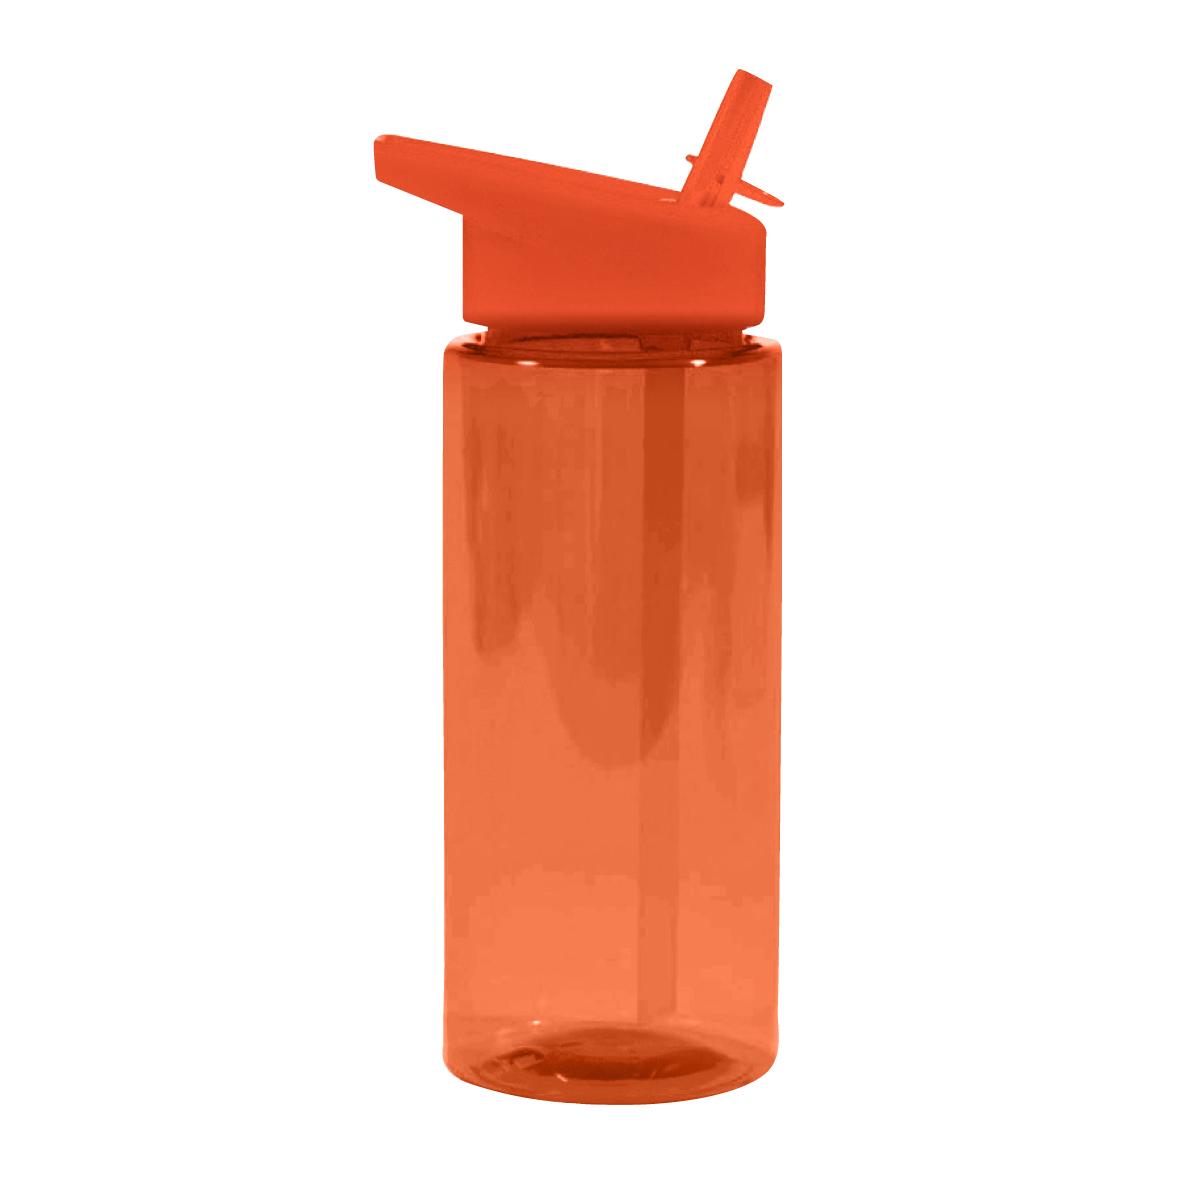 בקבוק ספורט פייה עם קש - מילר